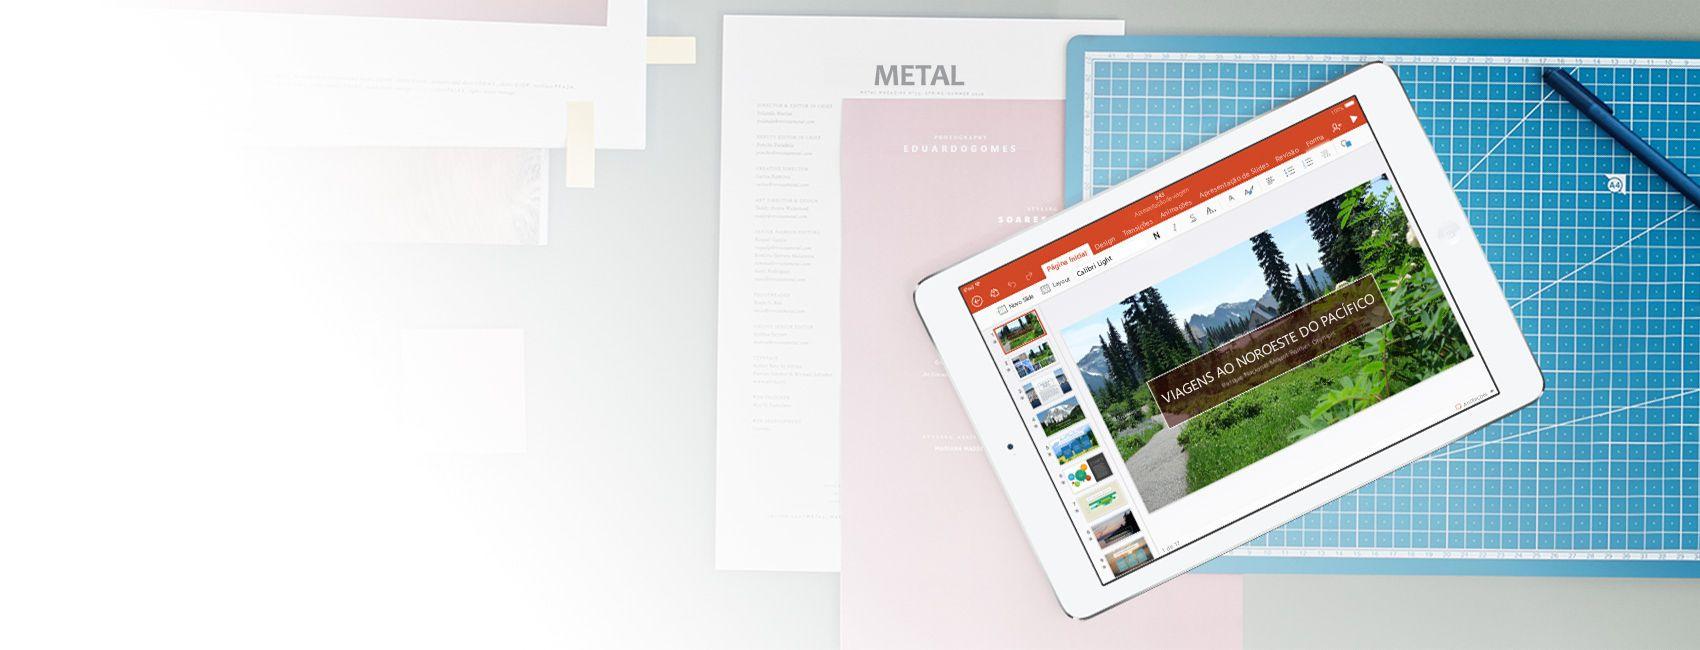 iPad exibindo uma apresentação do PowerPoint sobre a Pacific Northwest Travels